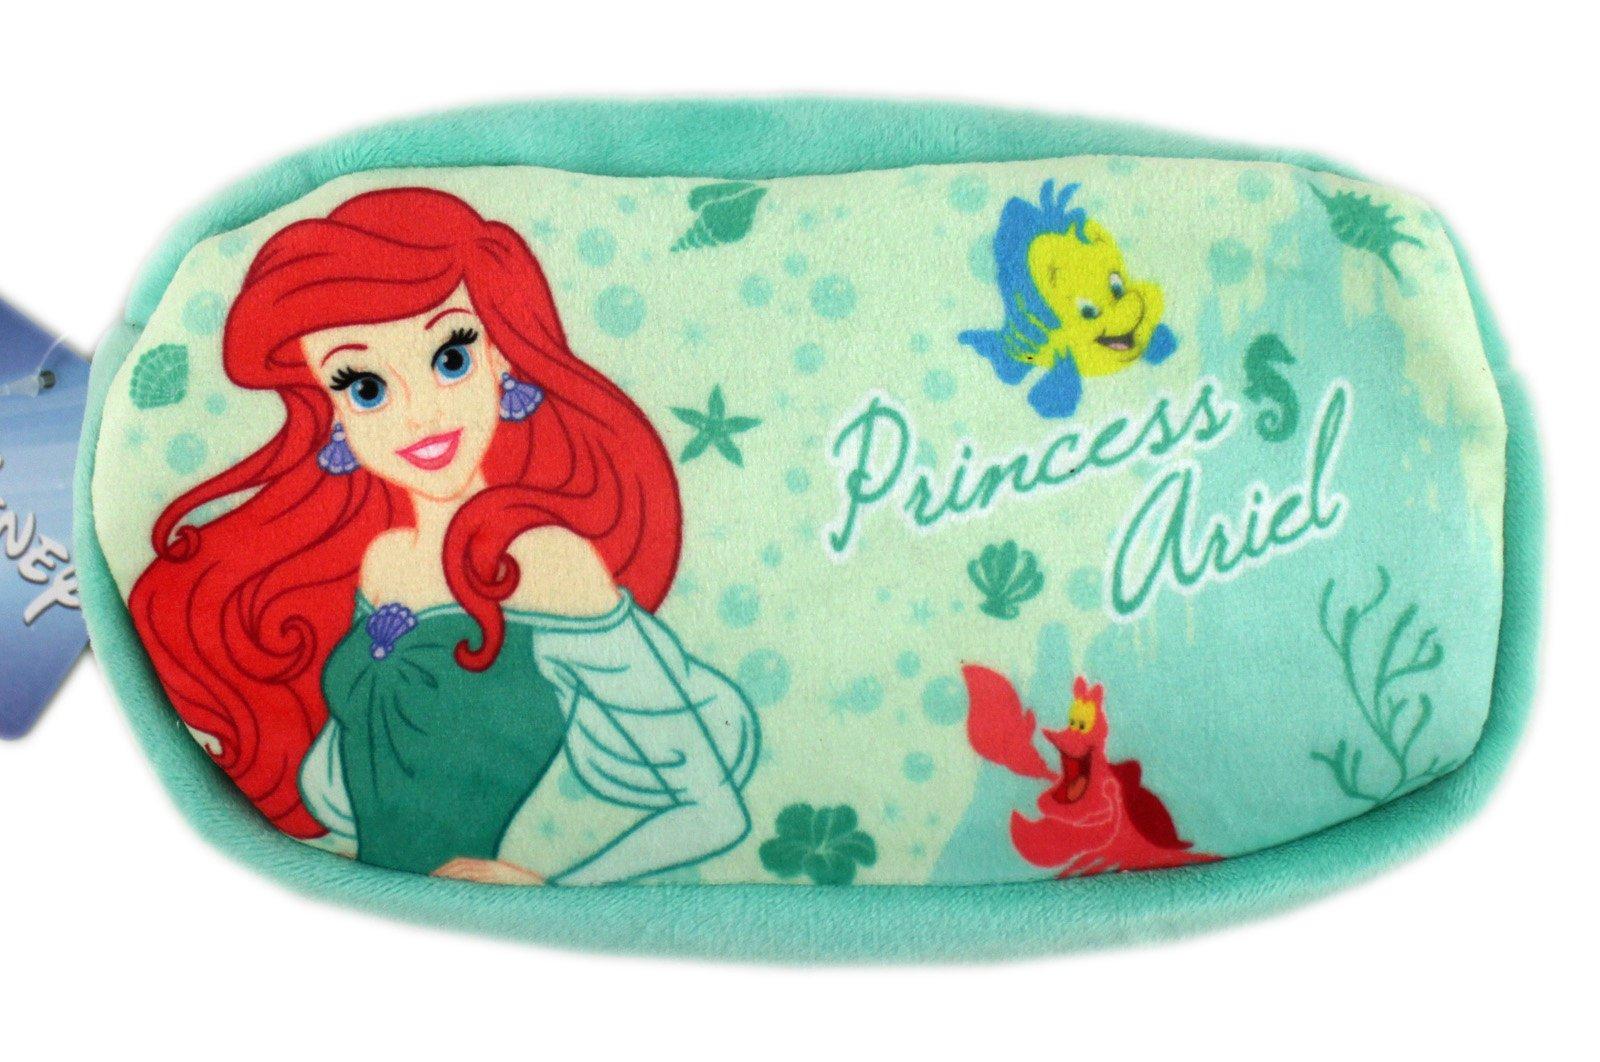 【卡漫迷】 小美人魚 絨毛 筆袋 ㊣版 比目魚 萬用袋 鉛筆袋 化妝包 收納 鉛筆盒 愛麗兒 Ariel Mermaid